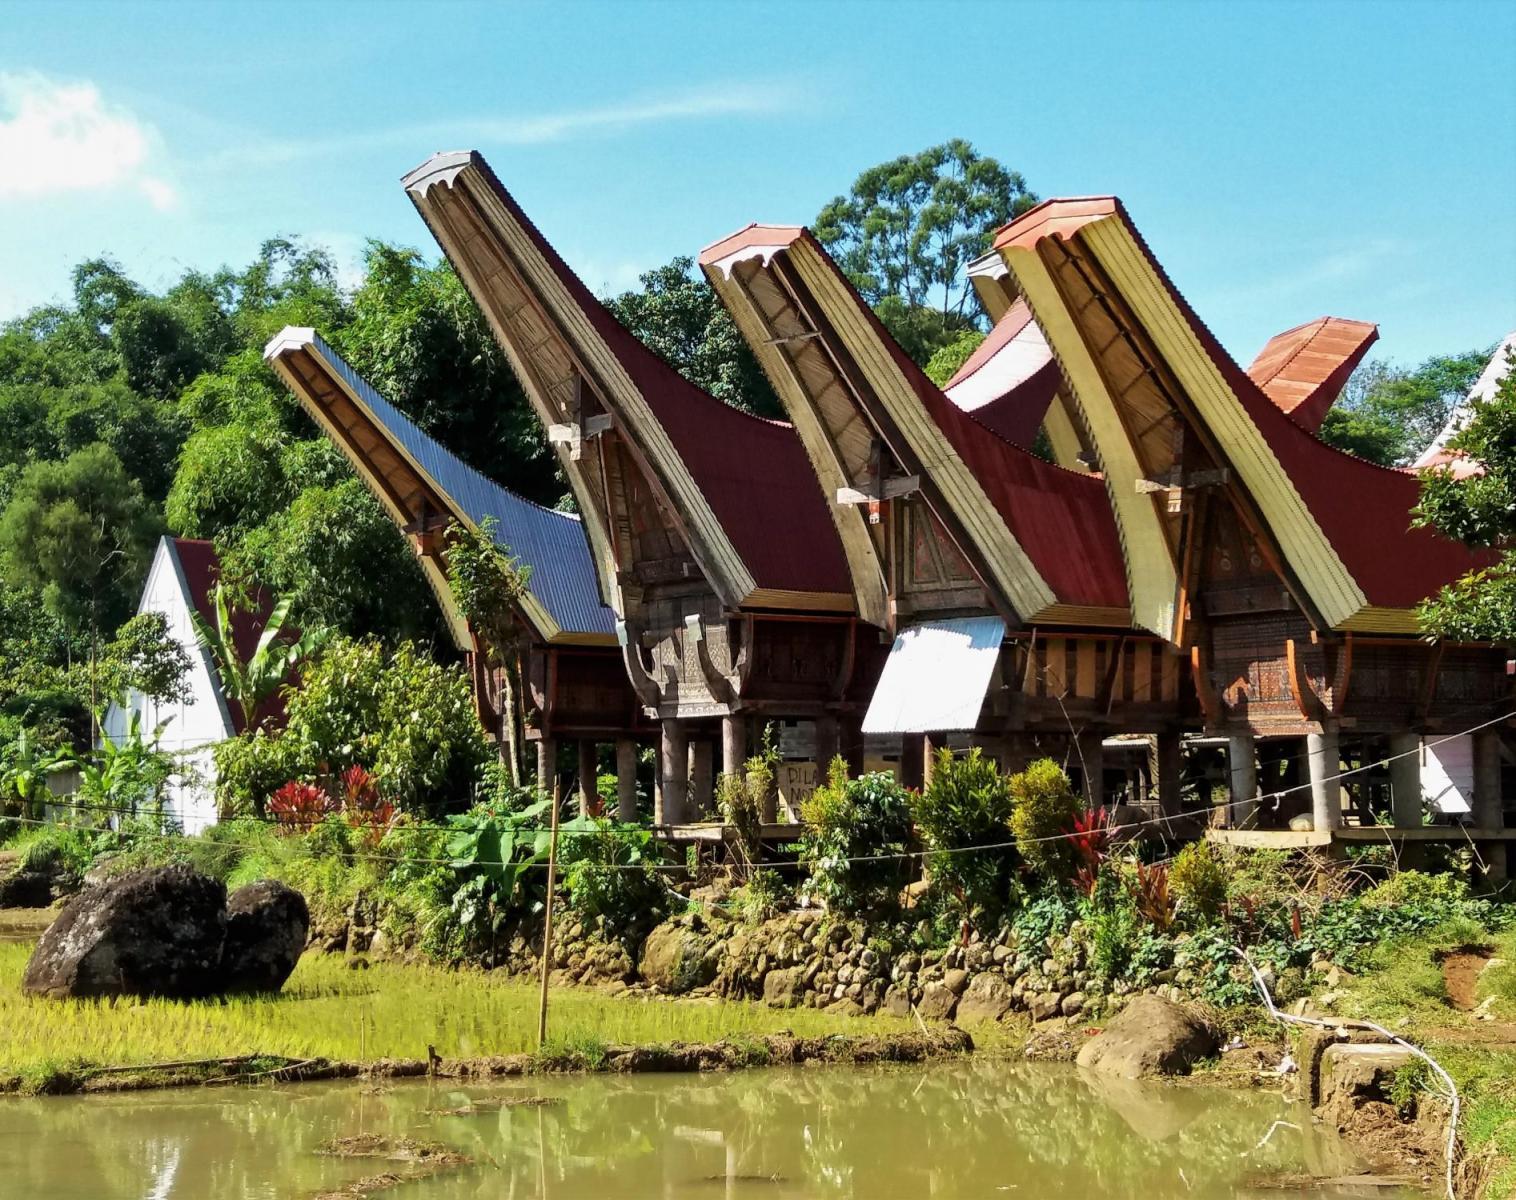 Indonésie  Bali, Sulawesi : La grande traversée en pays Toraja et Bajo   Découverte Rencontres et cultures du Monde